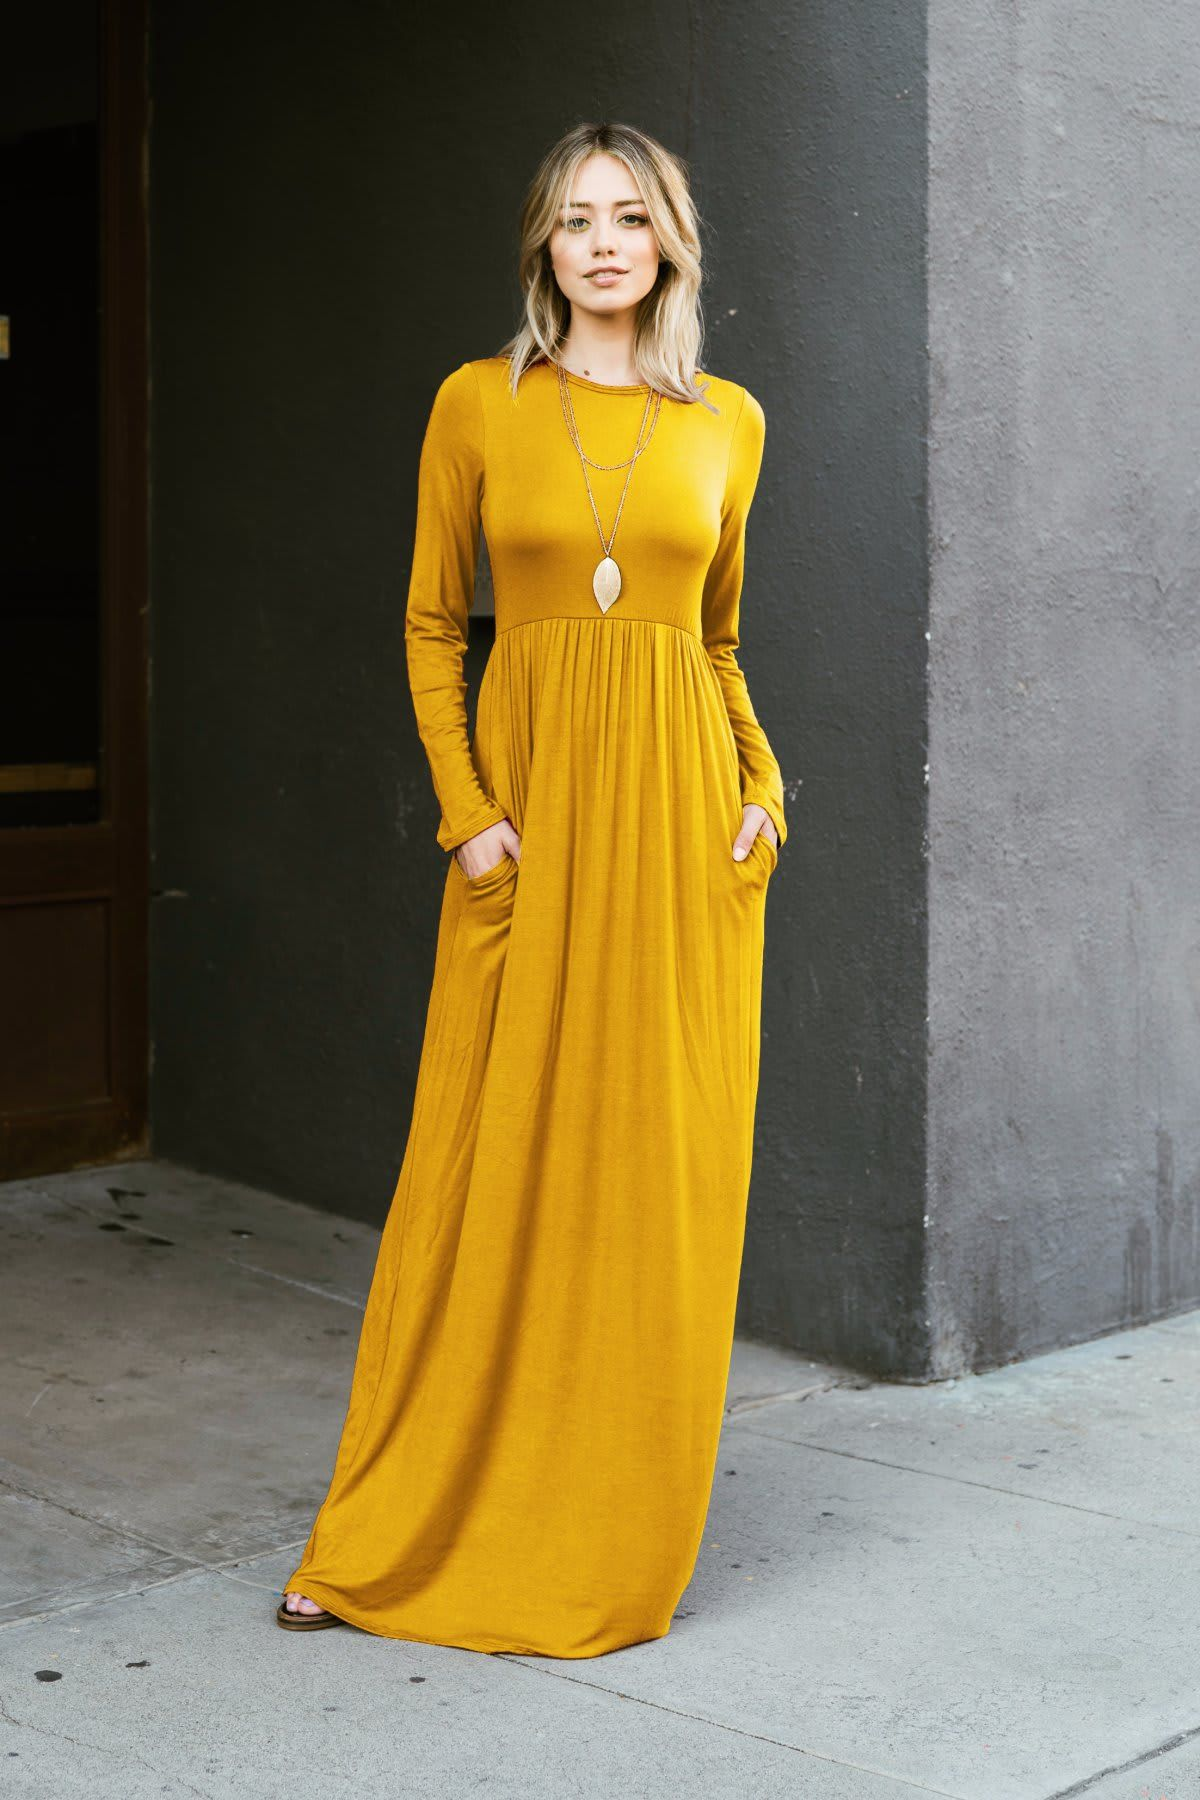 Long Sleeve Maxi Dress [ 1800 x 1200 Pixel ]